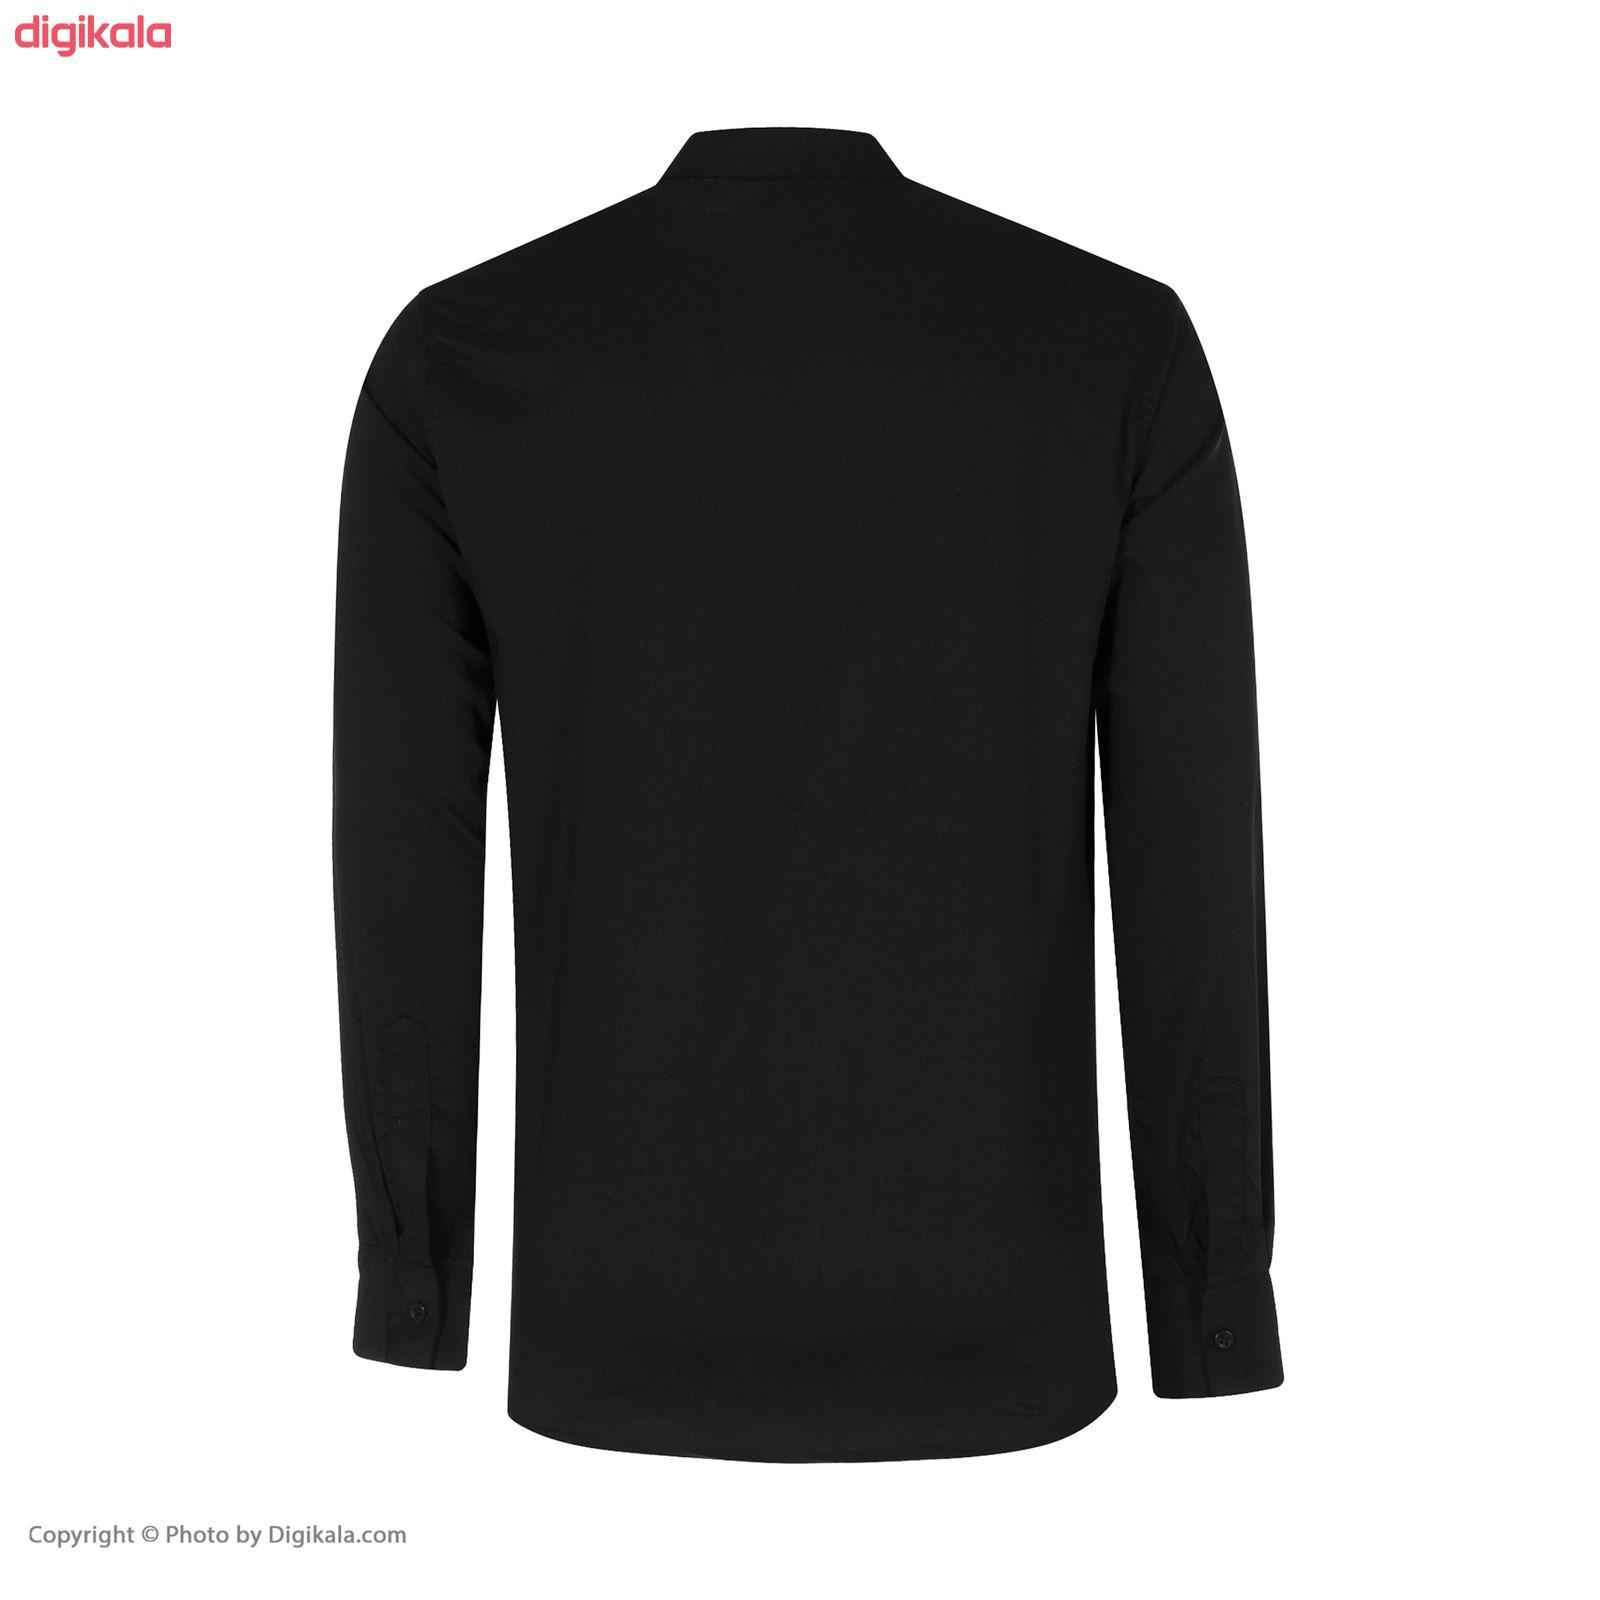 پیراهن مردانه مدل PVLF-B-M-9903 رنگ مشکی main 1 3